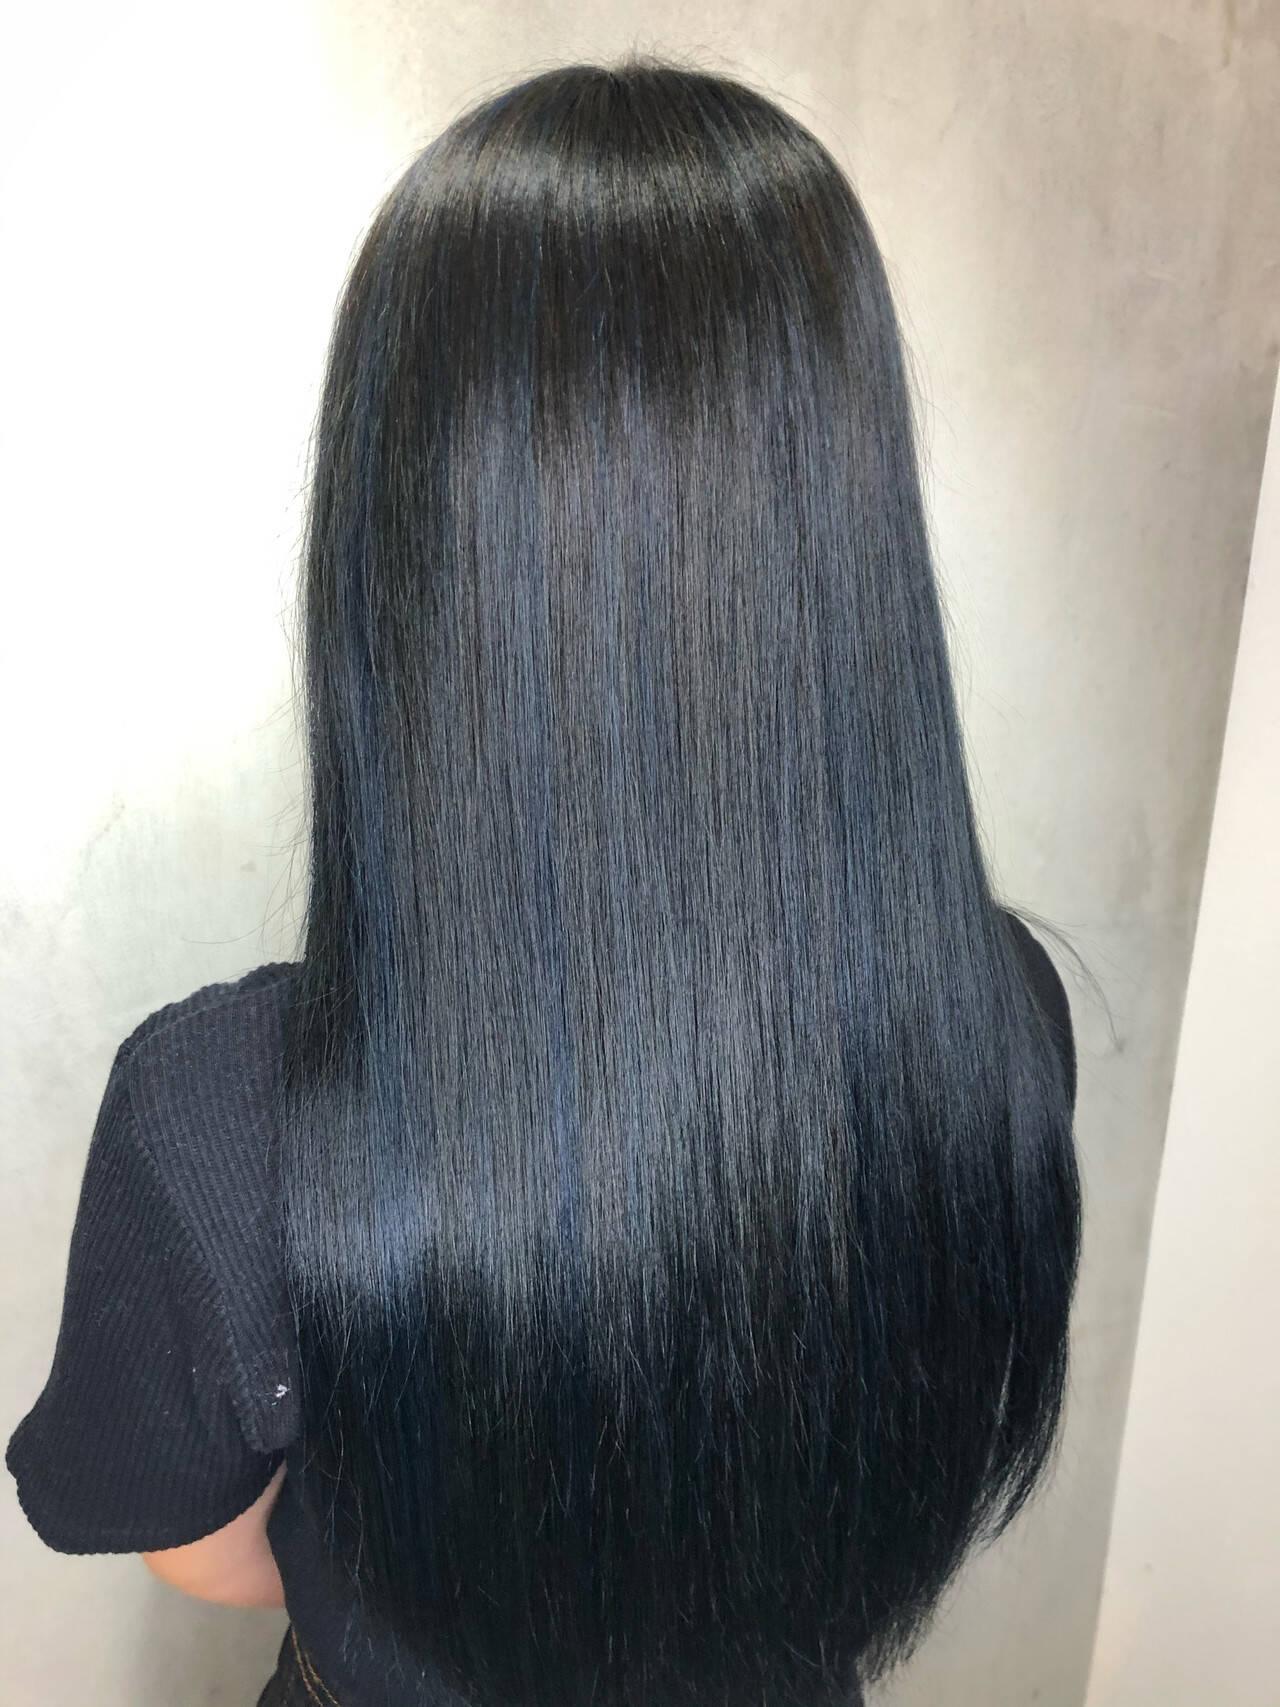 アッシュグレー アッシュグレージュ ナチュラル グレーヘアスタイルや髪型の写真・画像